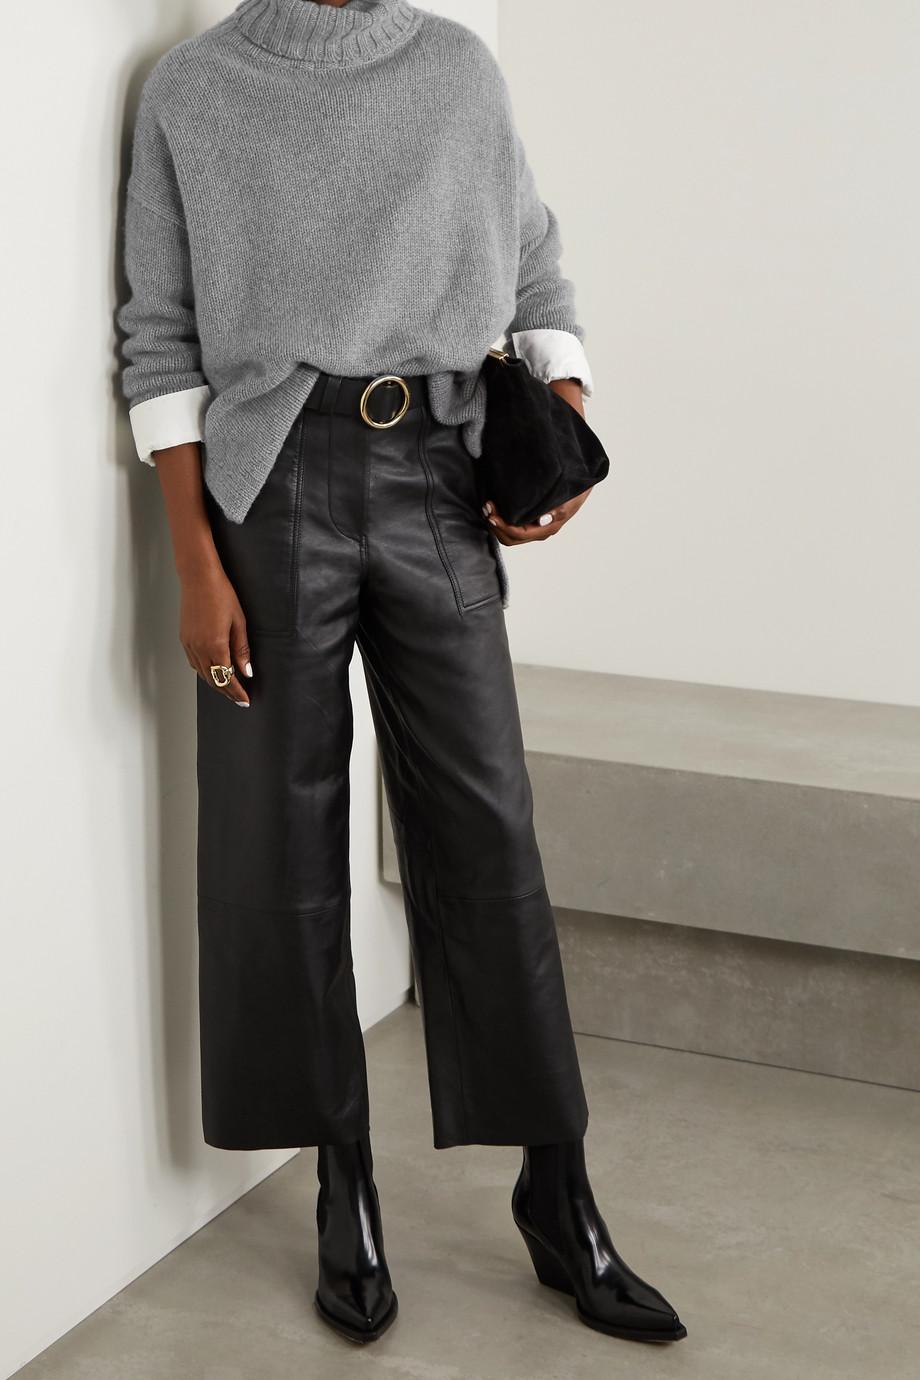 Nili Lotan Brently oversized cashmere turtleneck sweater